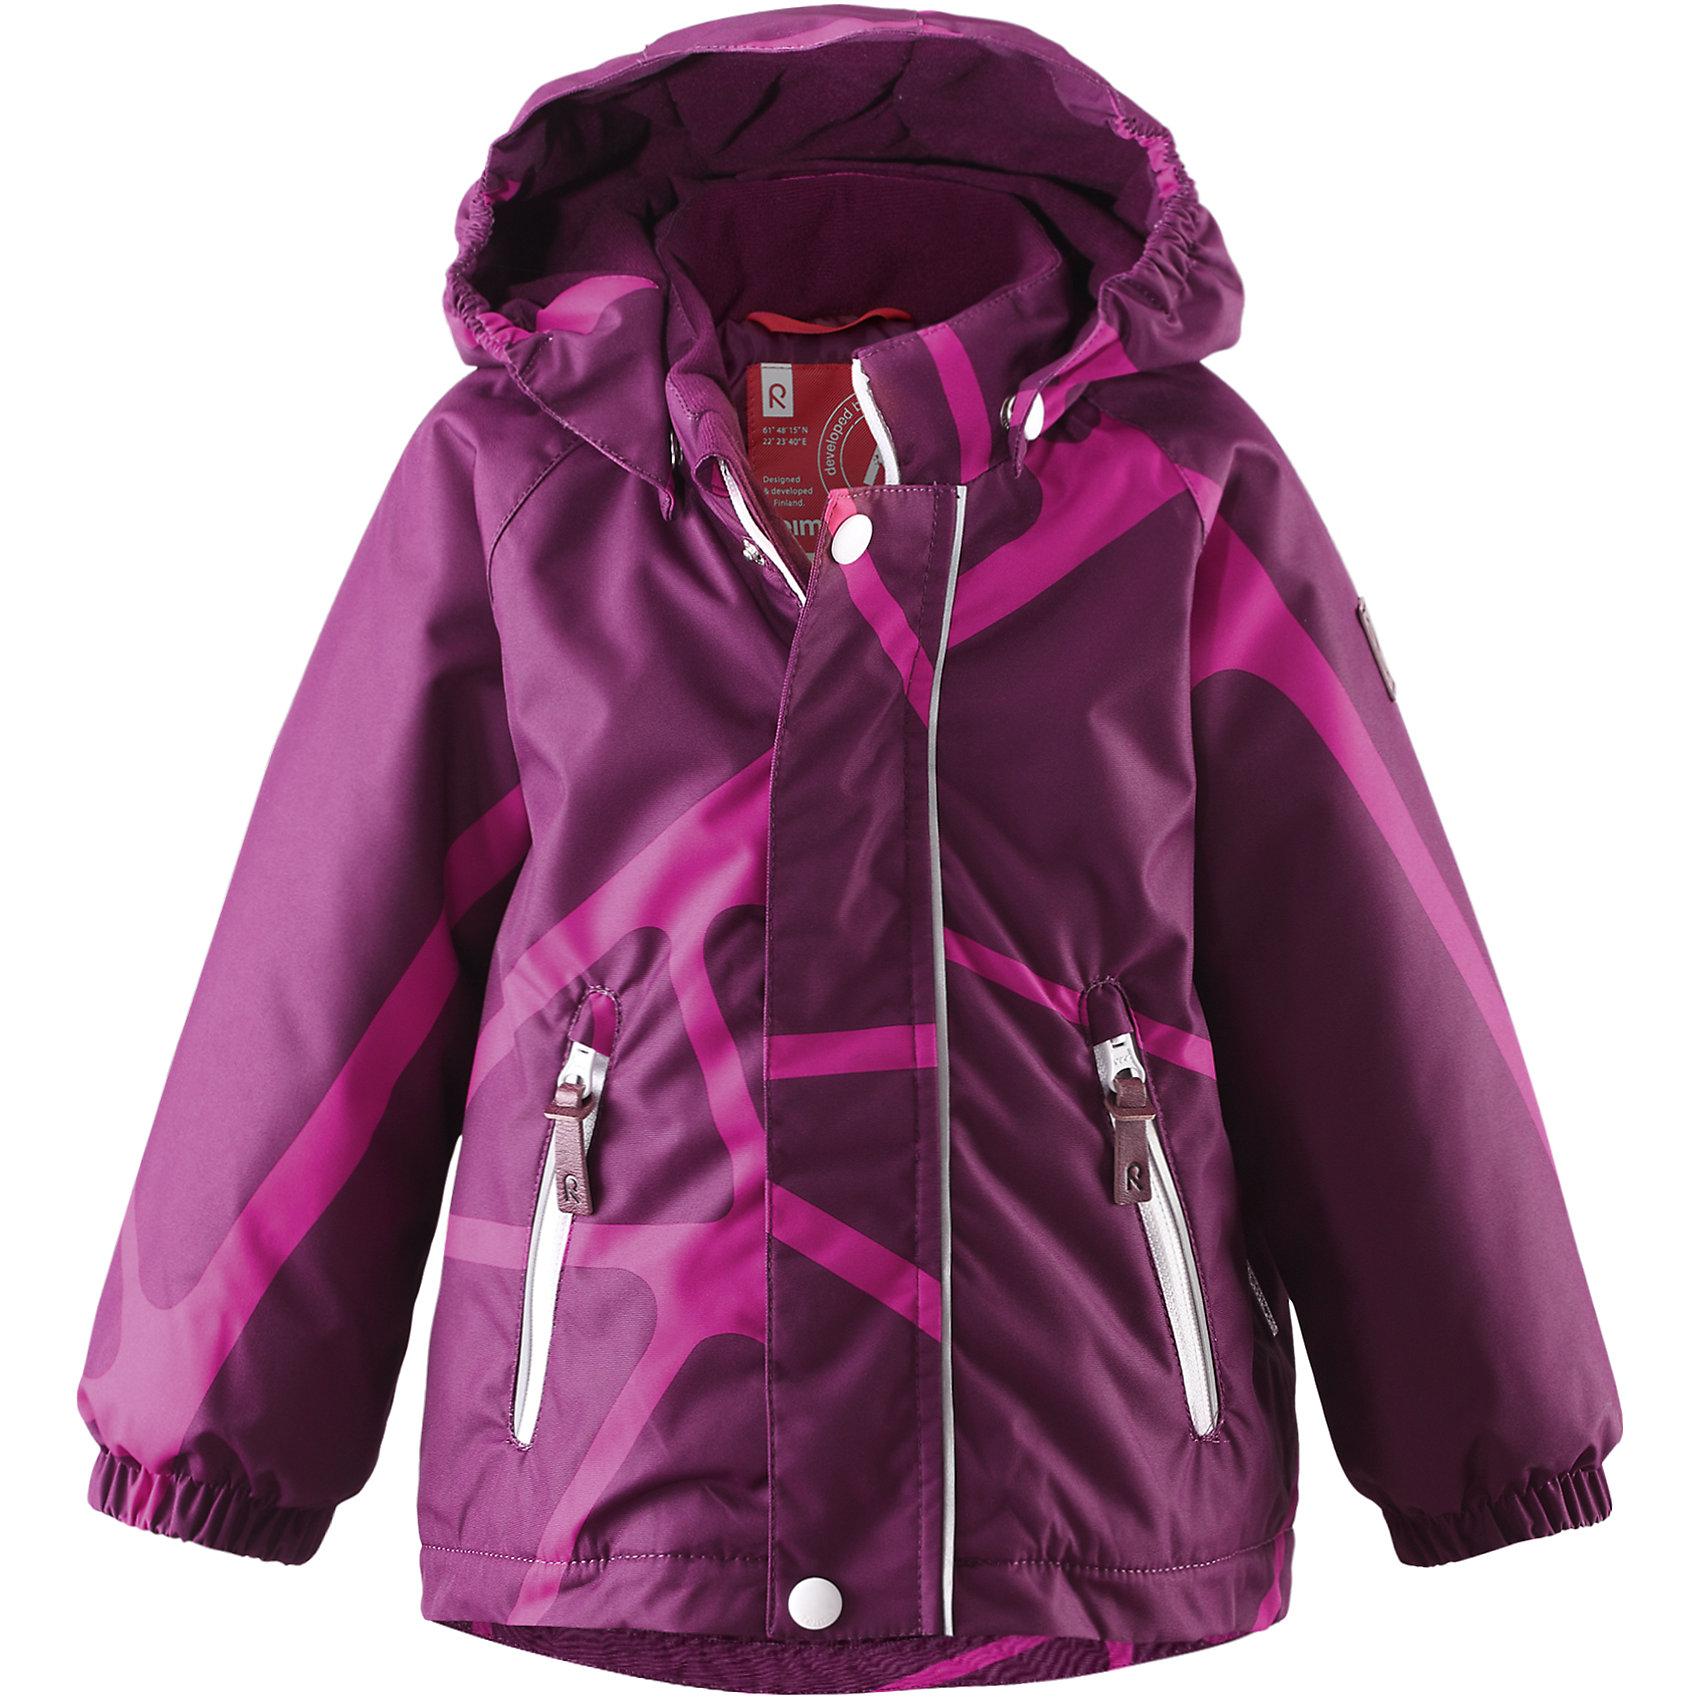 Куртка Seurue для девочки ReimaКуртка  Reima<br>Зимняя куртка для малышей. Основные швы проклеены и не пропускают влагу. Водо- и ветронепроницаемый, «дышащий» и грязеотталкивающий материал. Гладкая подкладка из полиэстра. Безопасный, съемный капюшон. Эластичные манжеты. Два кармана на молнии. Безопасные светоотражающие детали.<br>Утеплитель: Reima® Soft Loft insulation,160 g<br>Уход:<br>Стирать по отдельности, вывернув наизнанку. Застегнуть молнии и липучки. Стирать моющим средством, не содержащим отбеливающие вещества. Полоскать без специального средства. Во избежание изменения цвета изделие необходимо вынуть из стиральной машинки незамедлительно после окончания программы стирки. Сушить при низкой температуре.<br>Состав:<br>100% Полиамид, полиуретановое покрытие<br><br>Ширина мм: 356<br>Глубина мм: 10<br>Высота мм: 245<br>Вес г: 519<br>Цвет: фиолетовый<br>Возраст от месяцев: 9<br>Возраст до месяцев: 12<br>Пол: Женский<br>Возраст: Детский<br>Размер: 80,92,98,86<br>SKU: 4776006